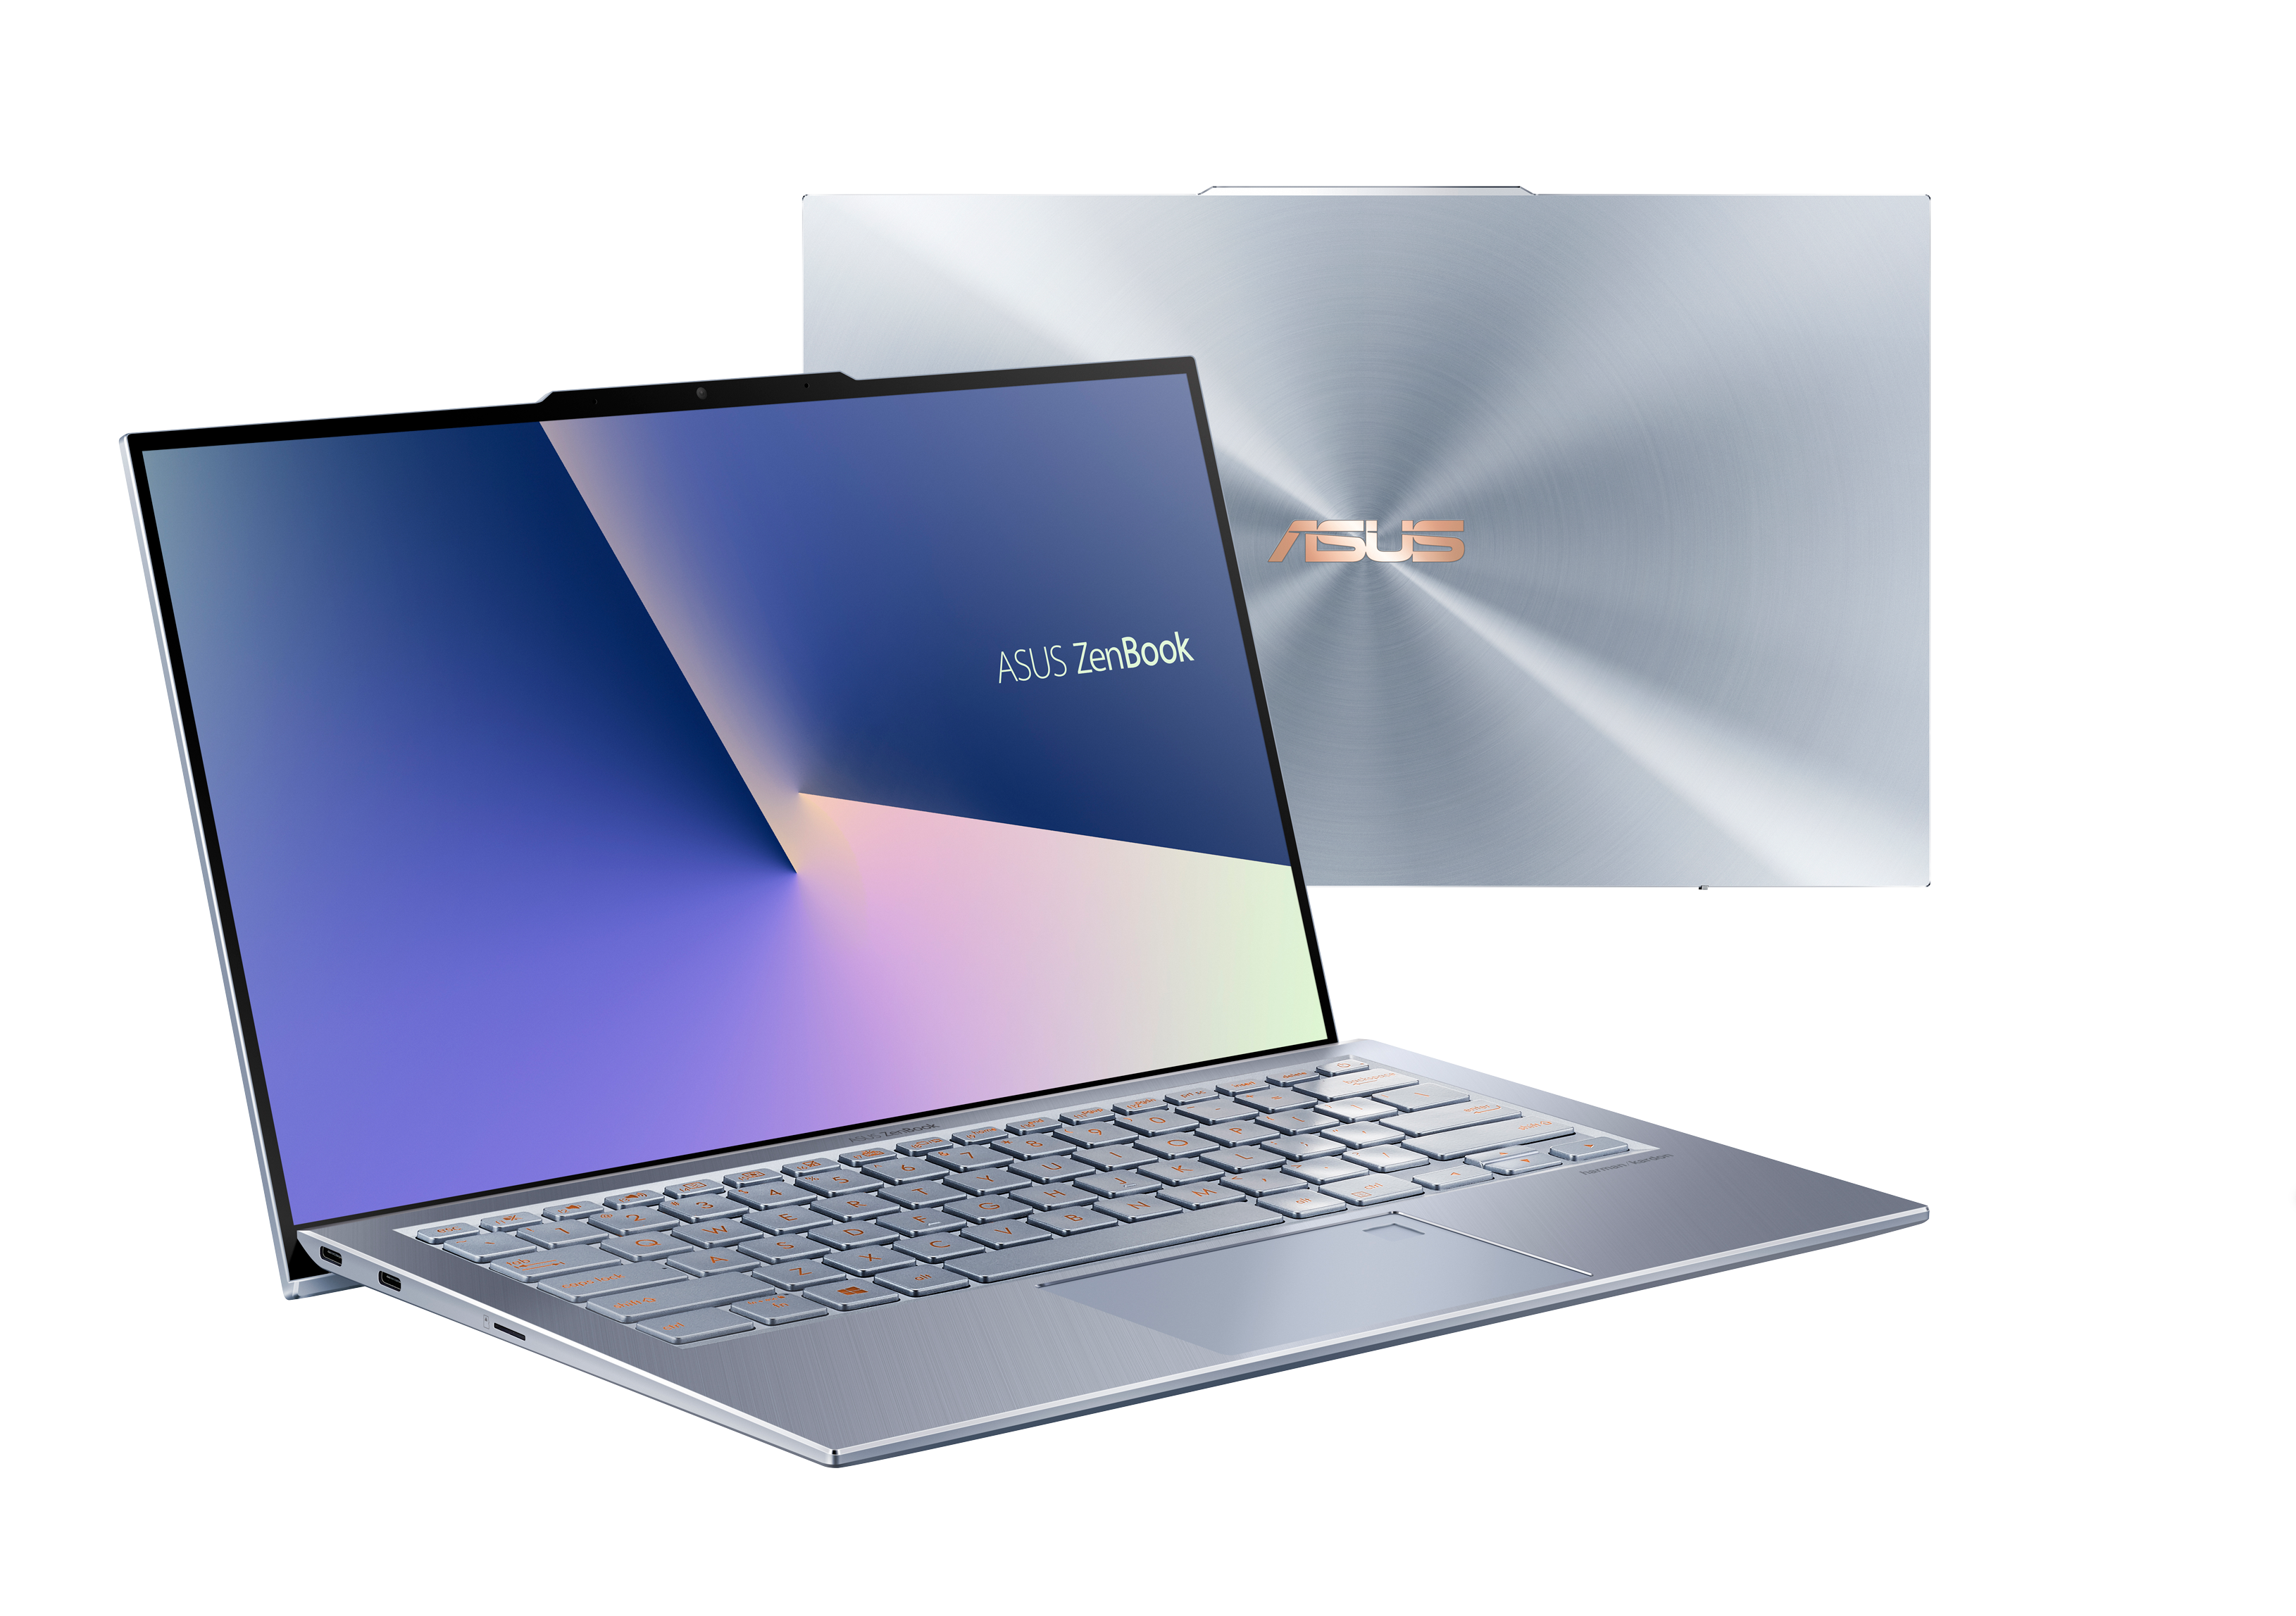 ASUS ZenBook S13_UX392_4-sided NanoEdge